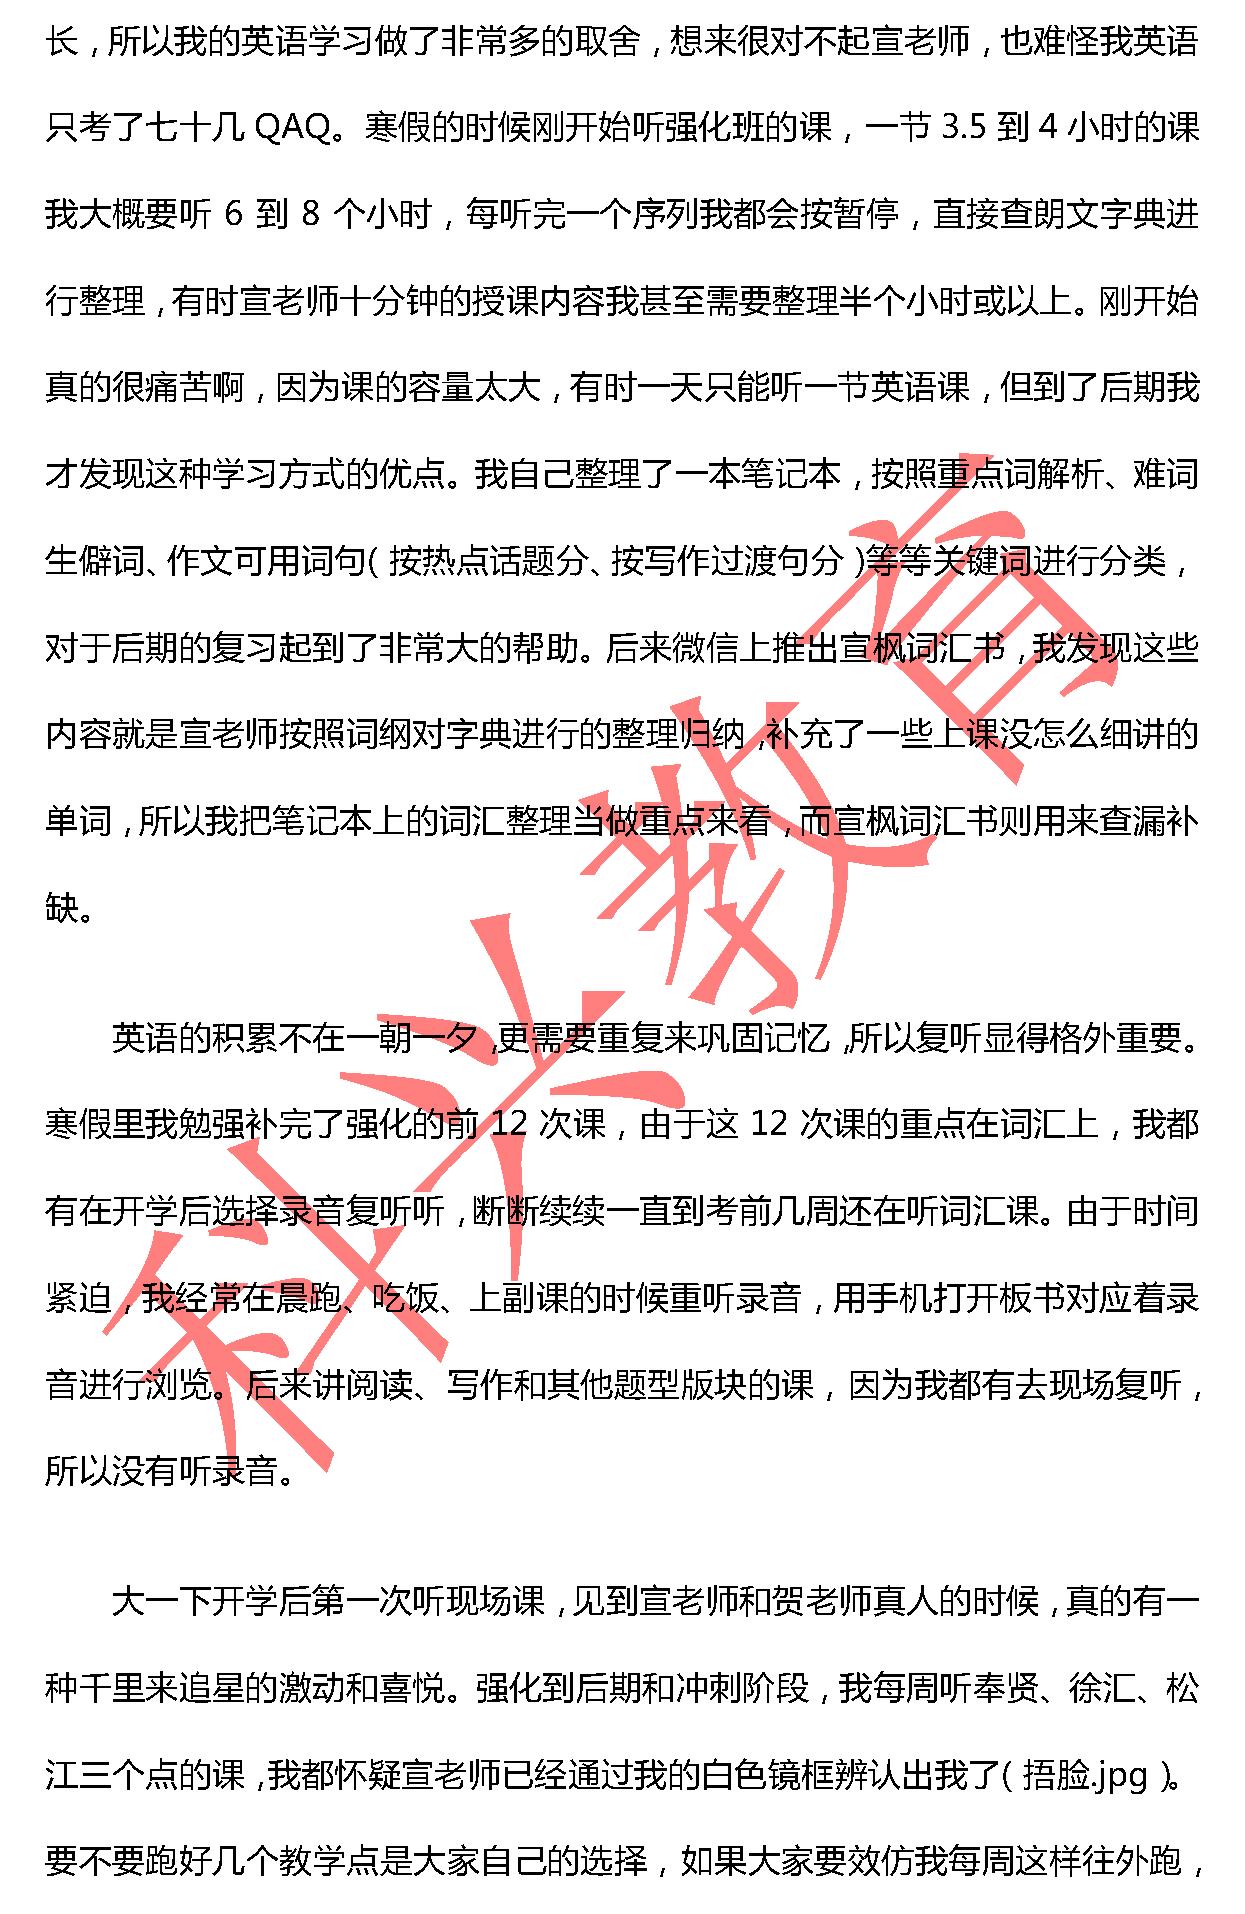 交大孙晨蕴:义无反顾(17届)